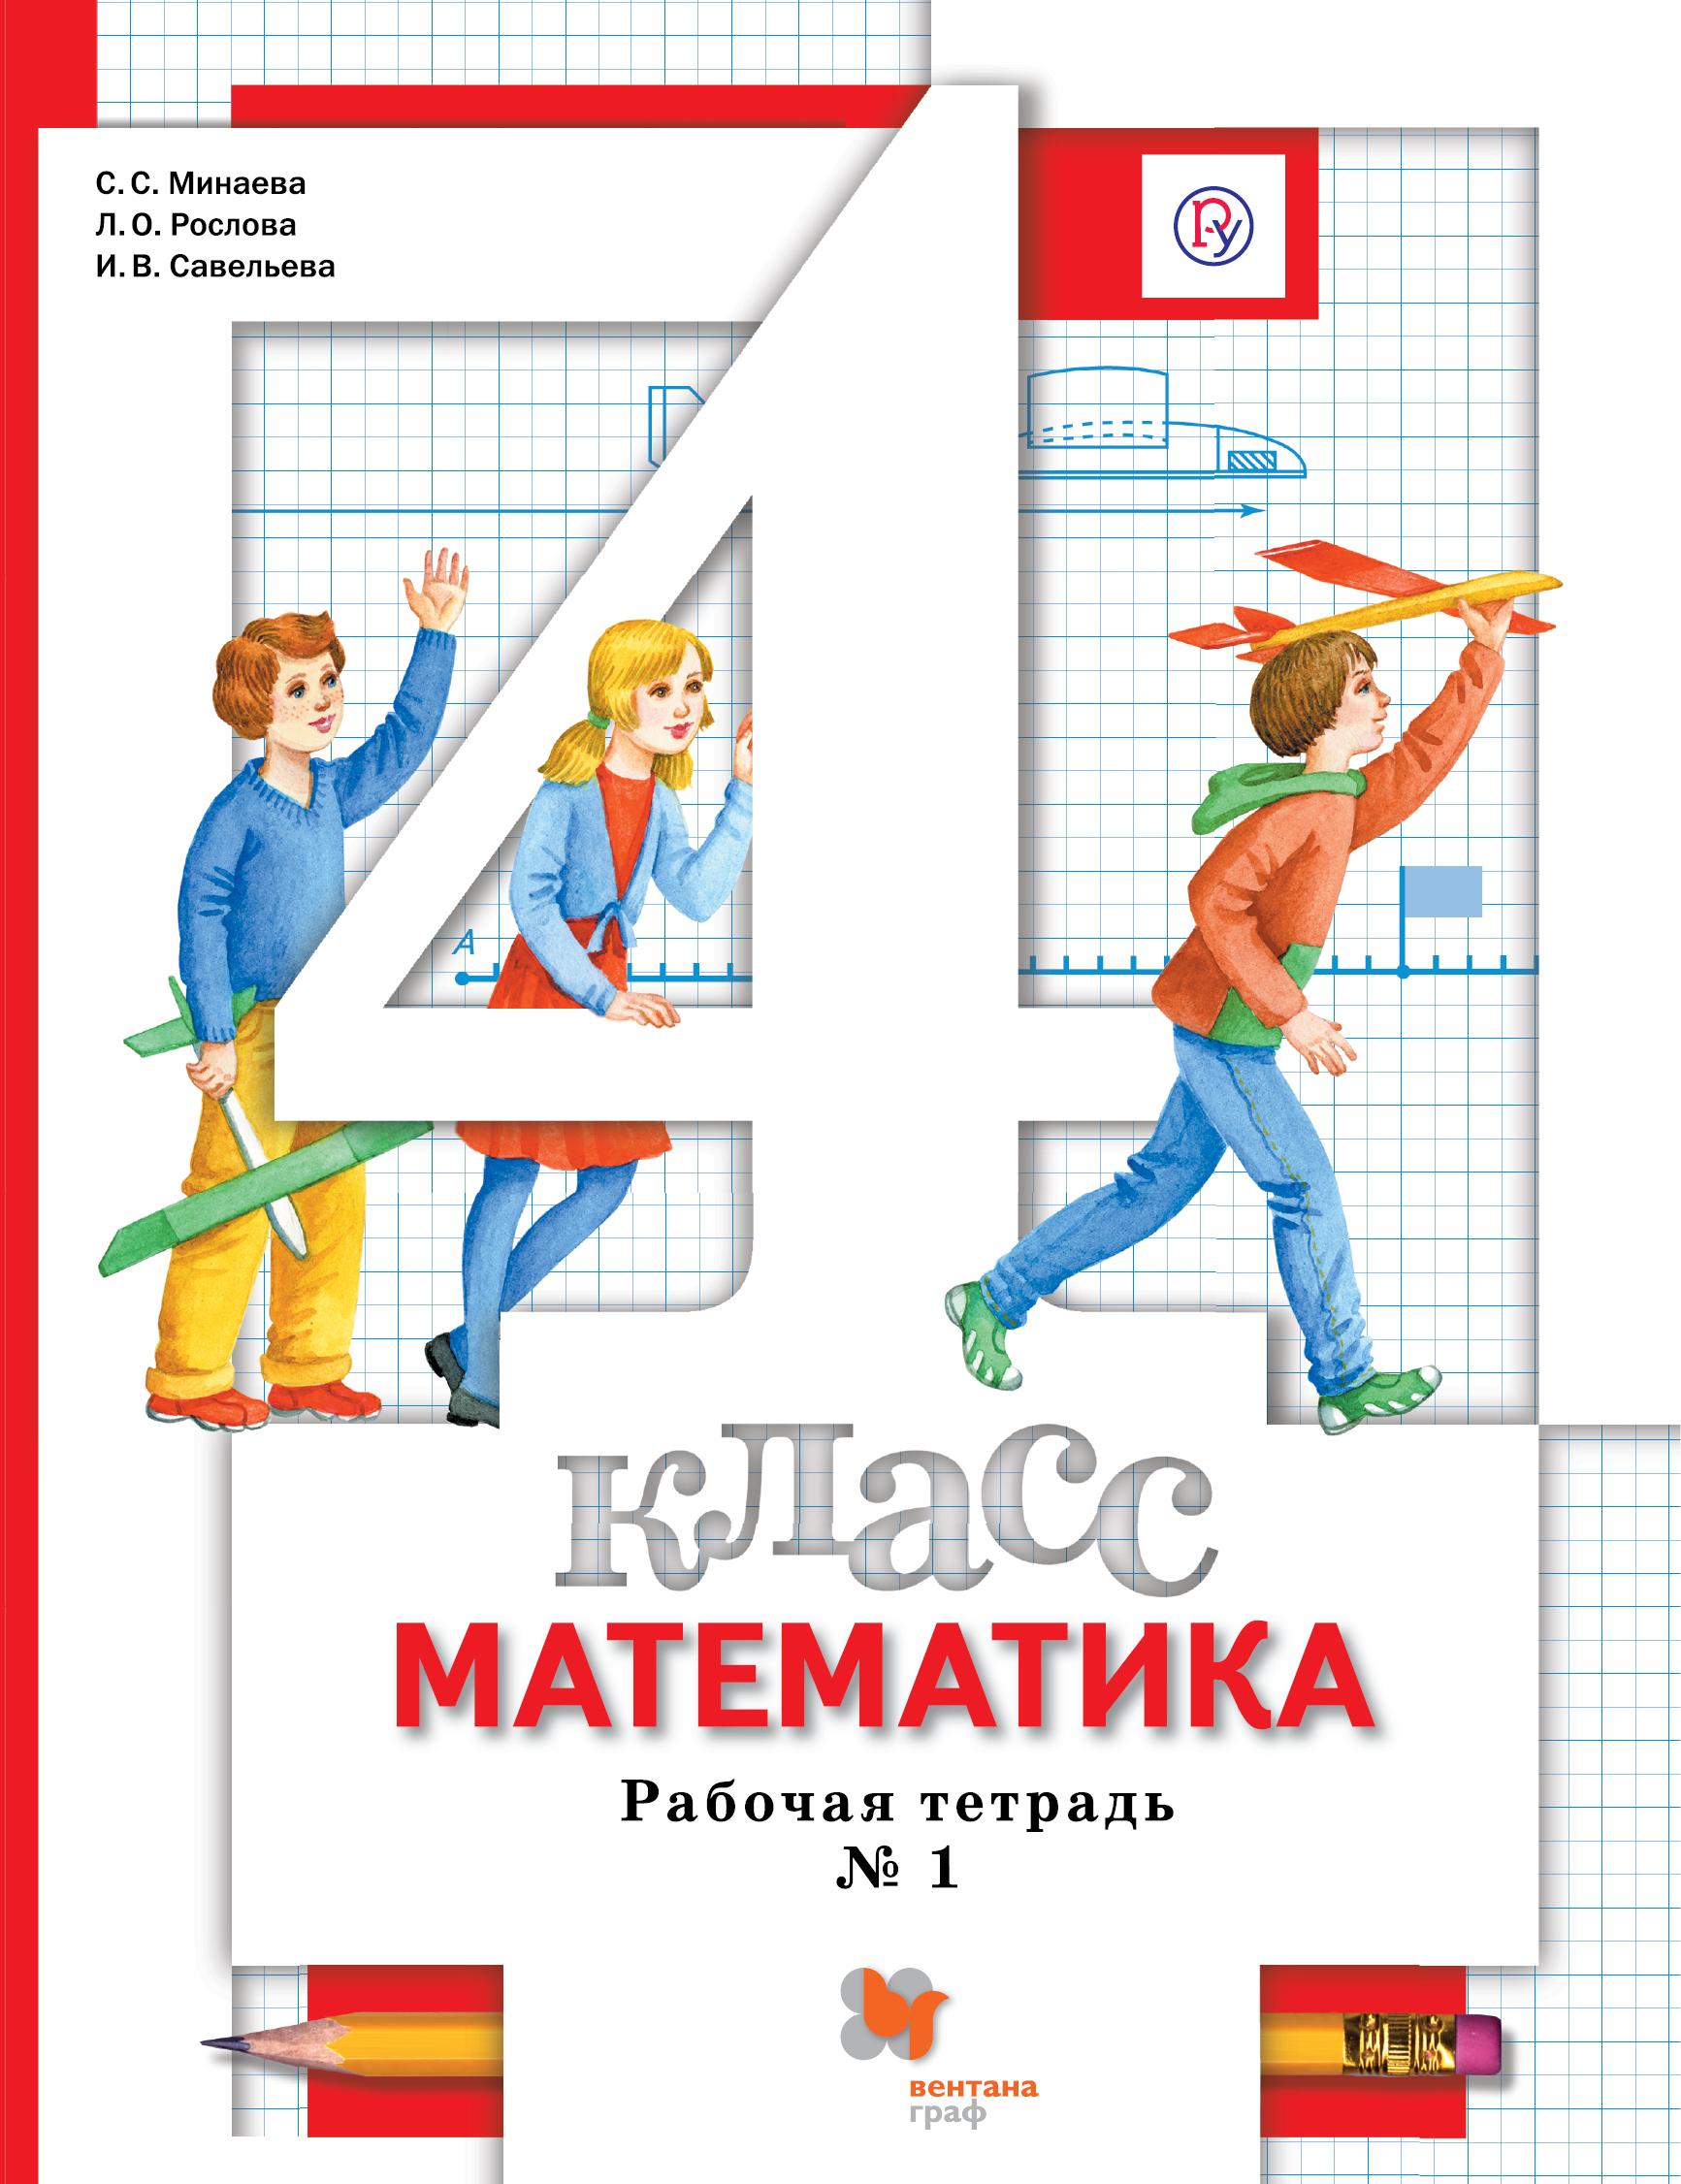 Минаева С.С., Рослова Л.О., Савельева И.В. Математика. 4класс. Рабочая тетрадь №1 минаева с зяблова е математика 2 класс рабочая тетрадь 2